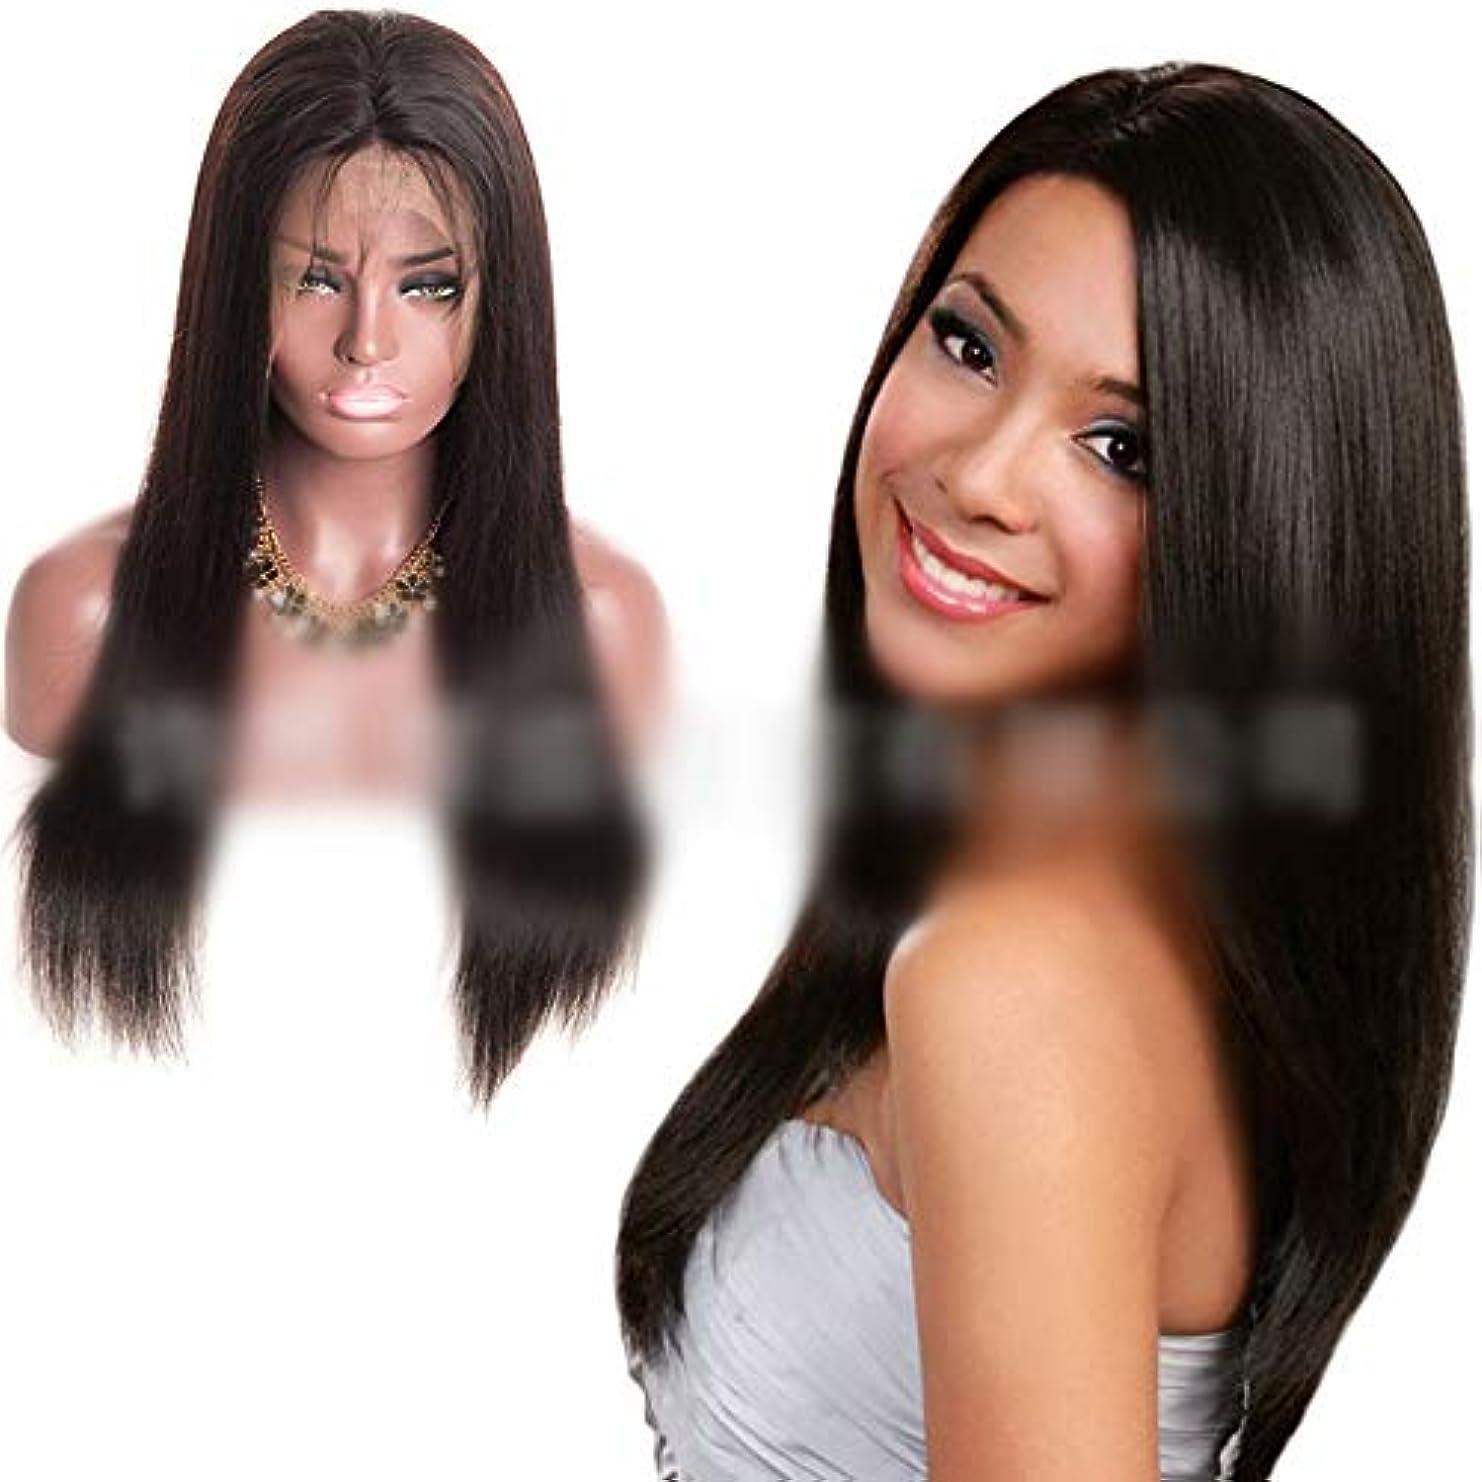 ビーズ宿キャメルWASAIO ナチュラルカラー手織り長い曲がっていない髪型トータルアクセサリースタイル交換用レースフロント人間のかつら女性8